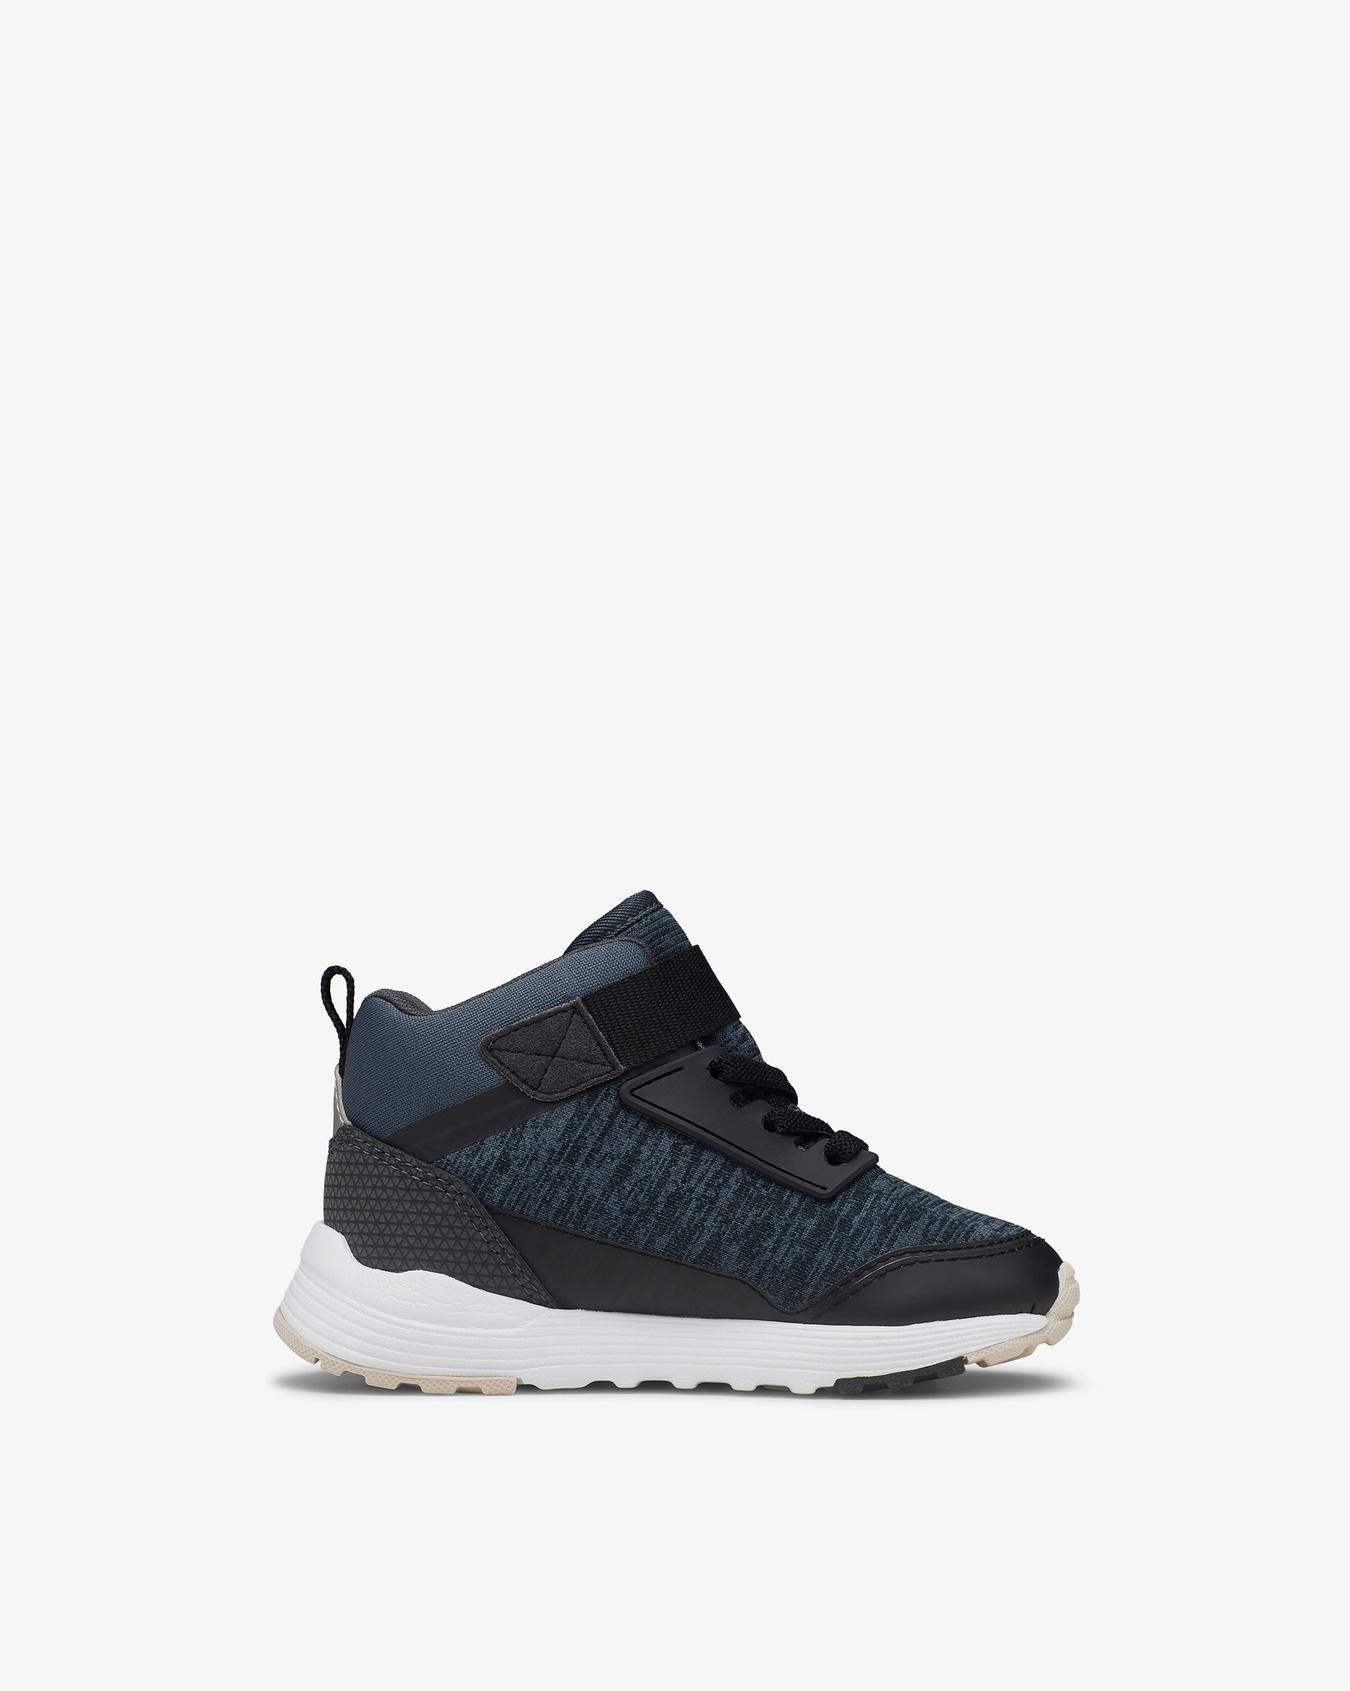 Arendal Mid GTX Black Sneaker